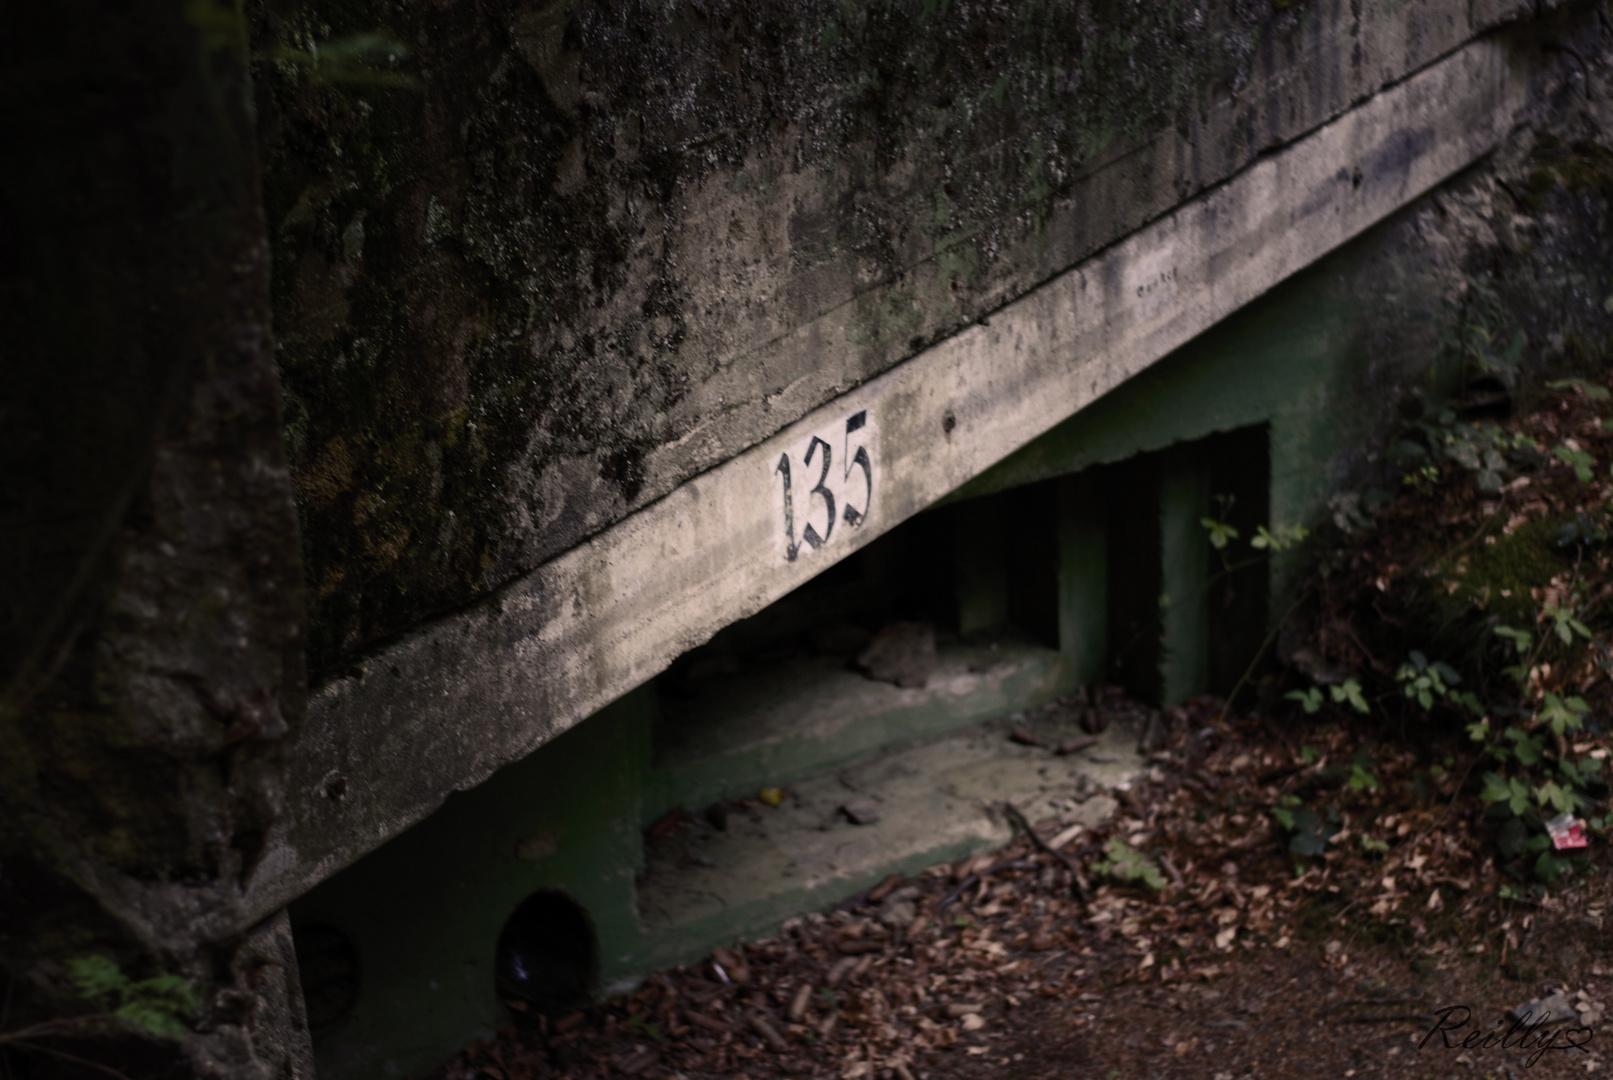 Reise in die Vergangenheit... Nr 135